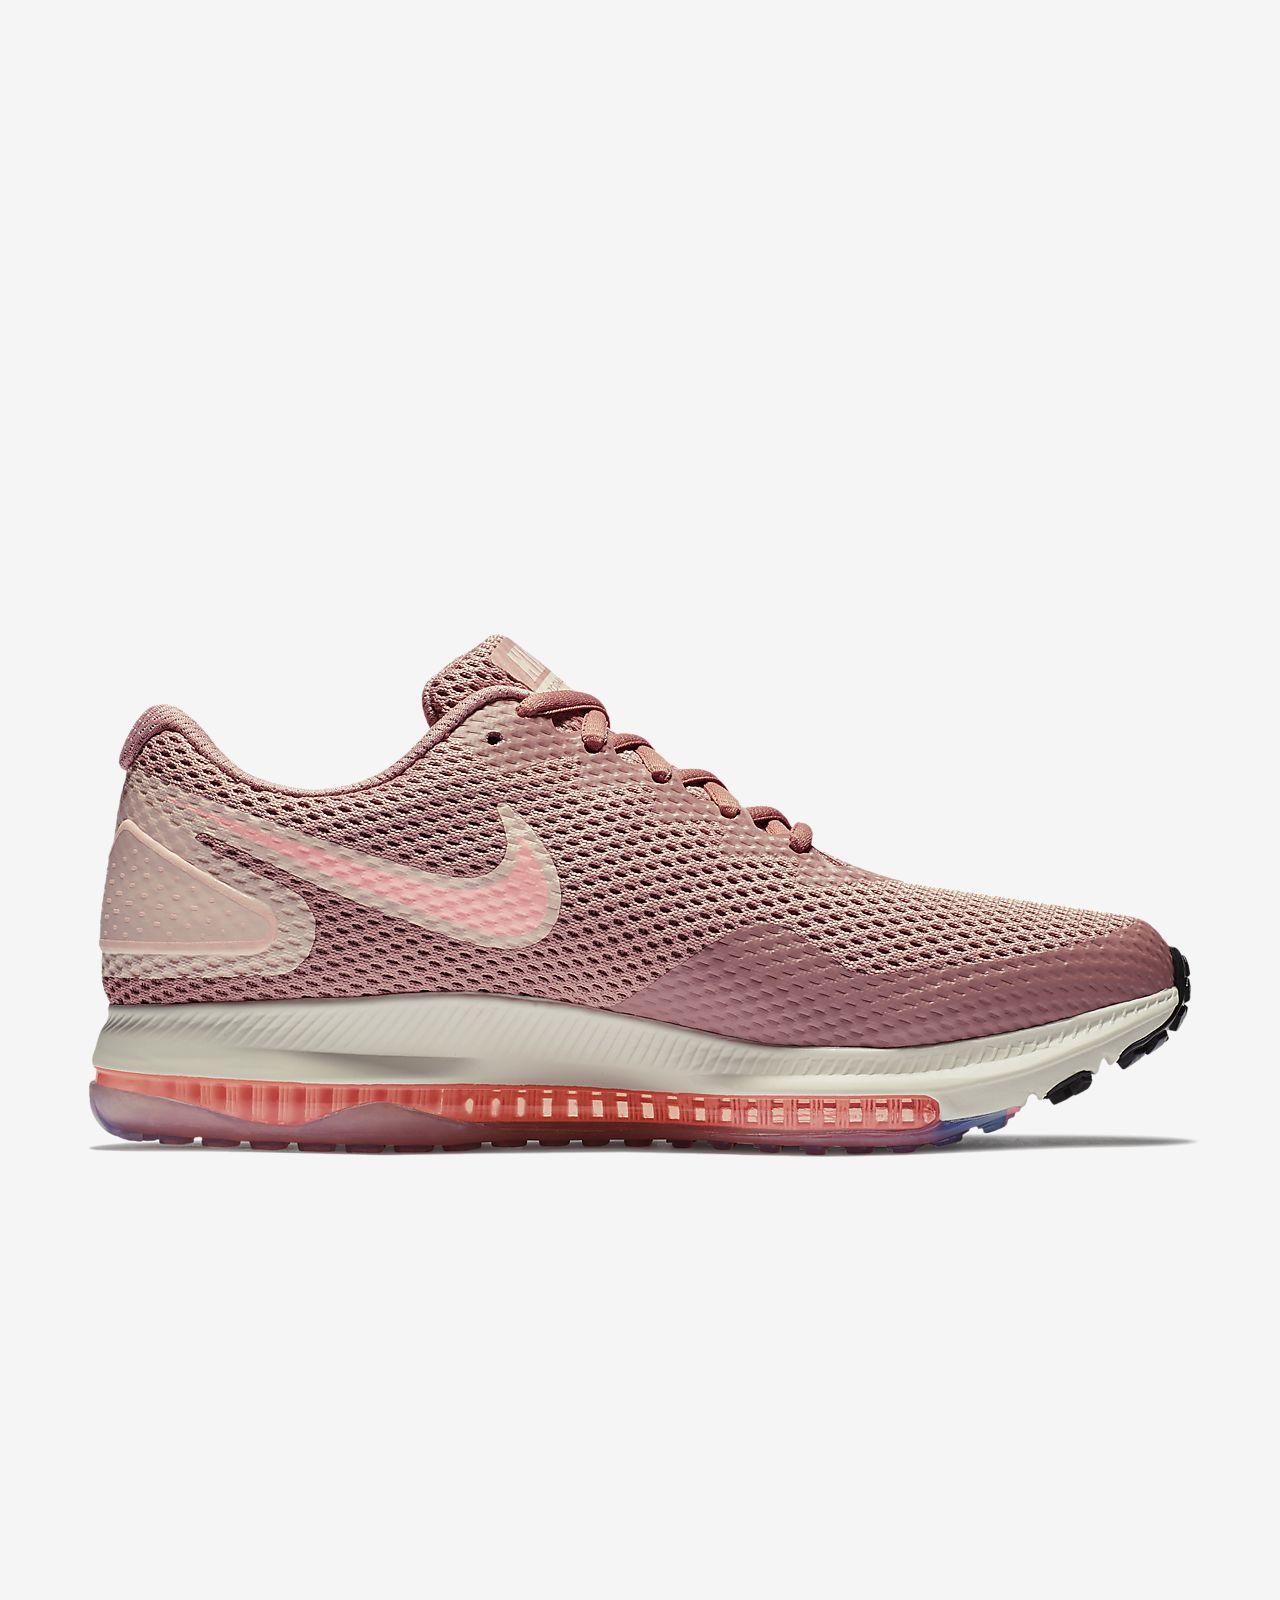 Moda Economico Trova economico Nike Zoom All Out Low 2 nere